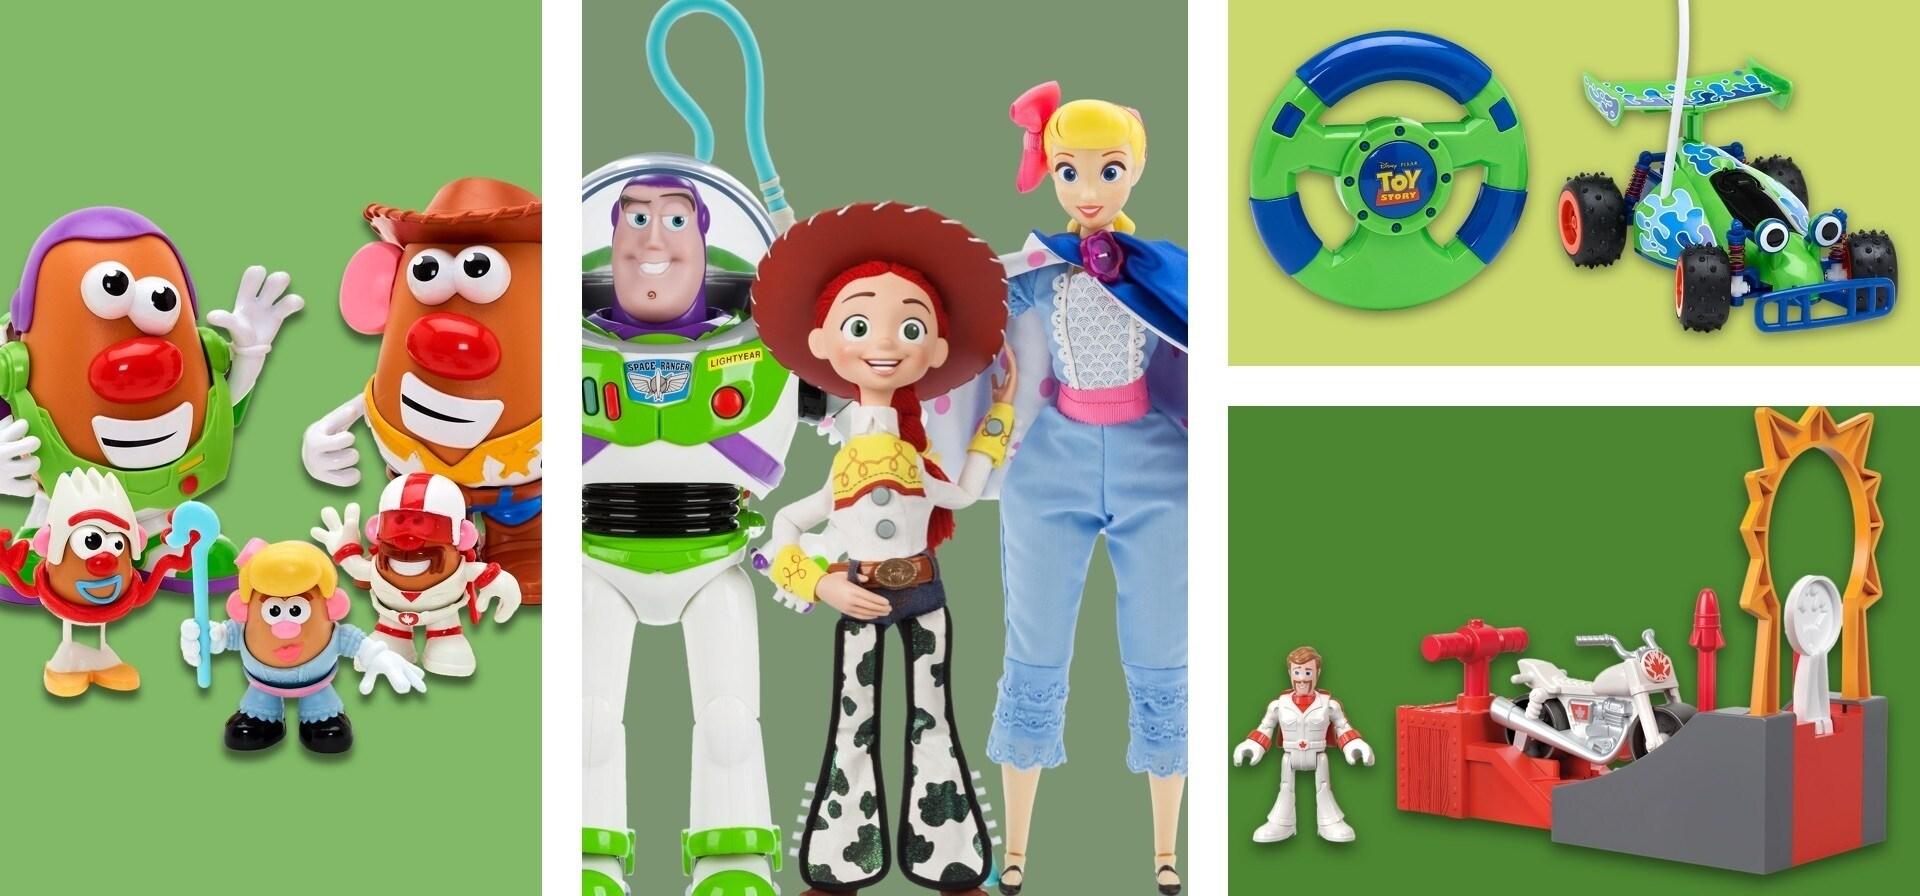 Una selezione di giocattoli a tema Toy Story